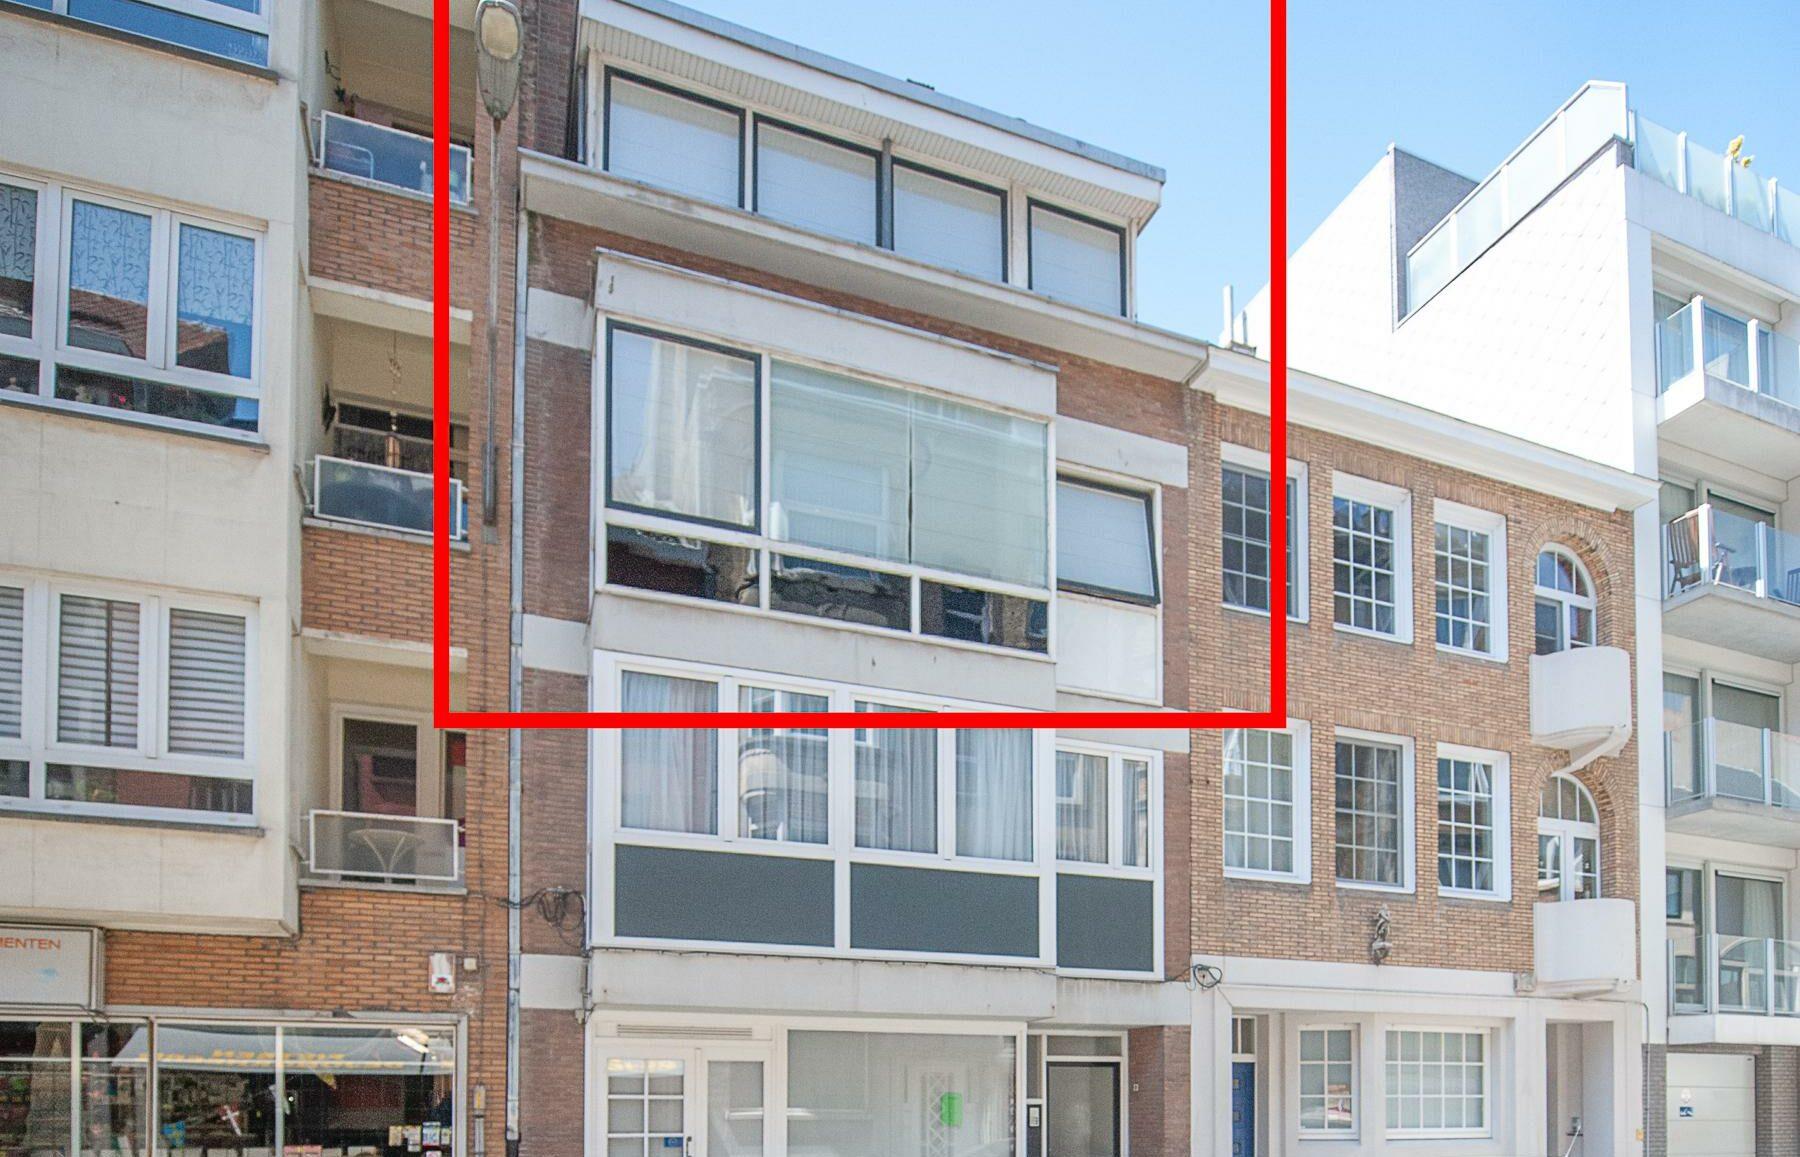 Duplex appartement architecturale 70's stijl